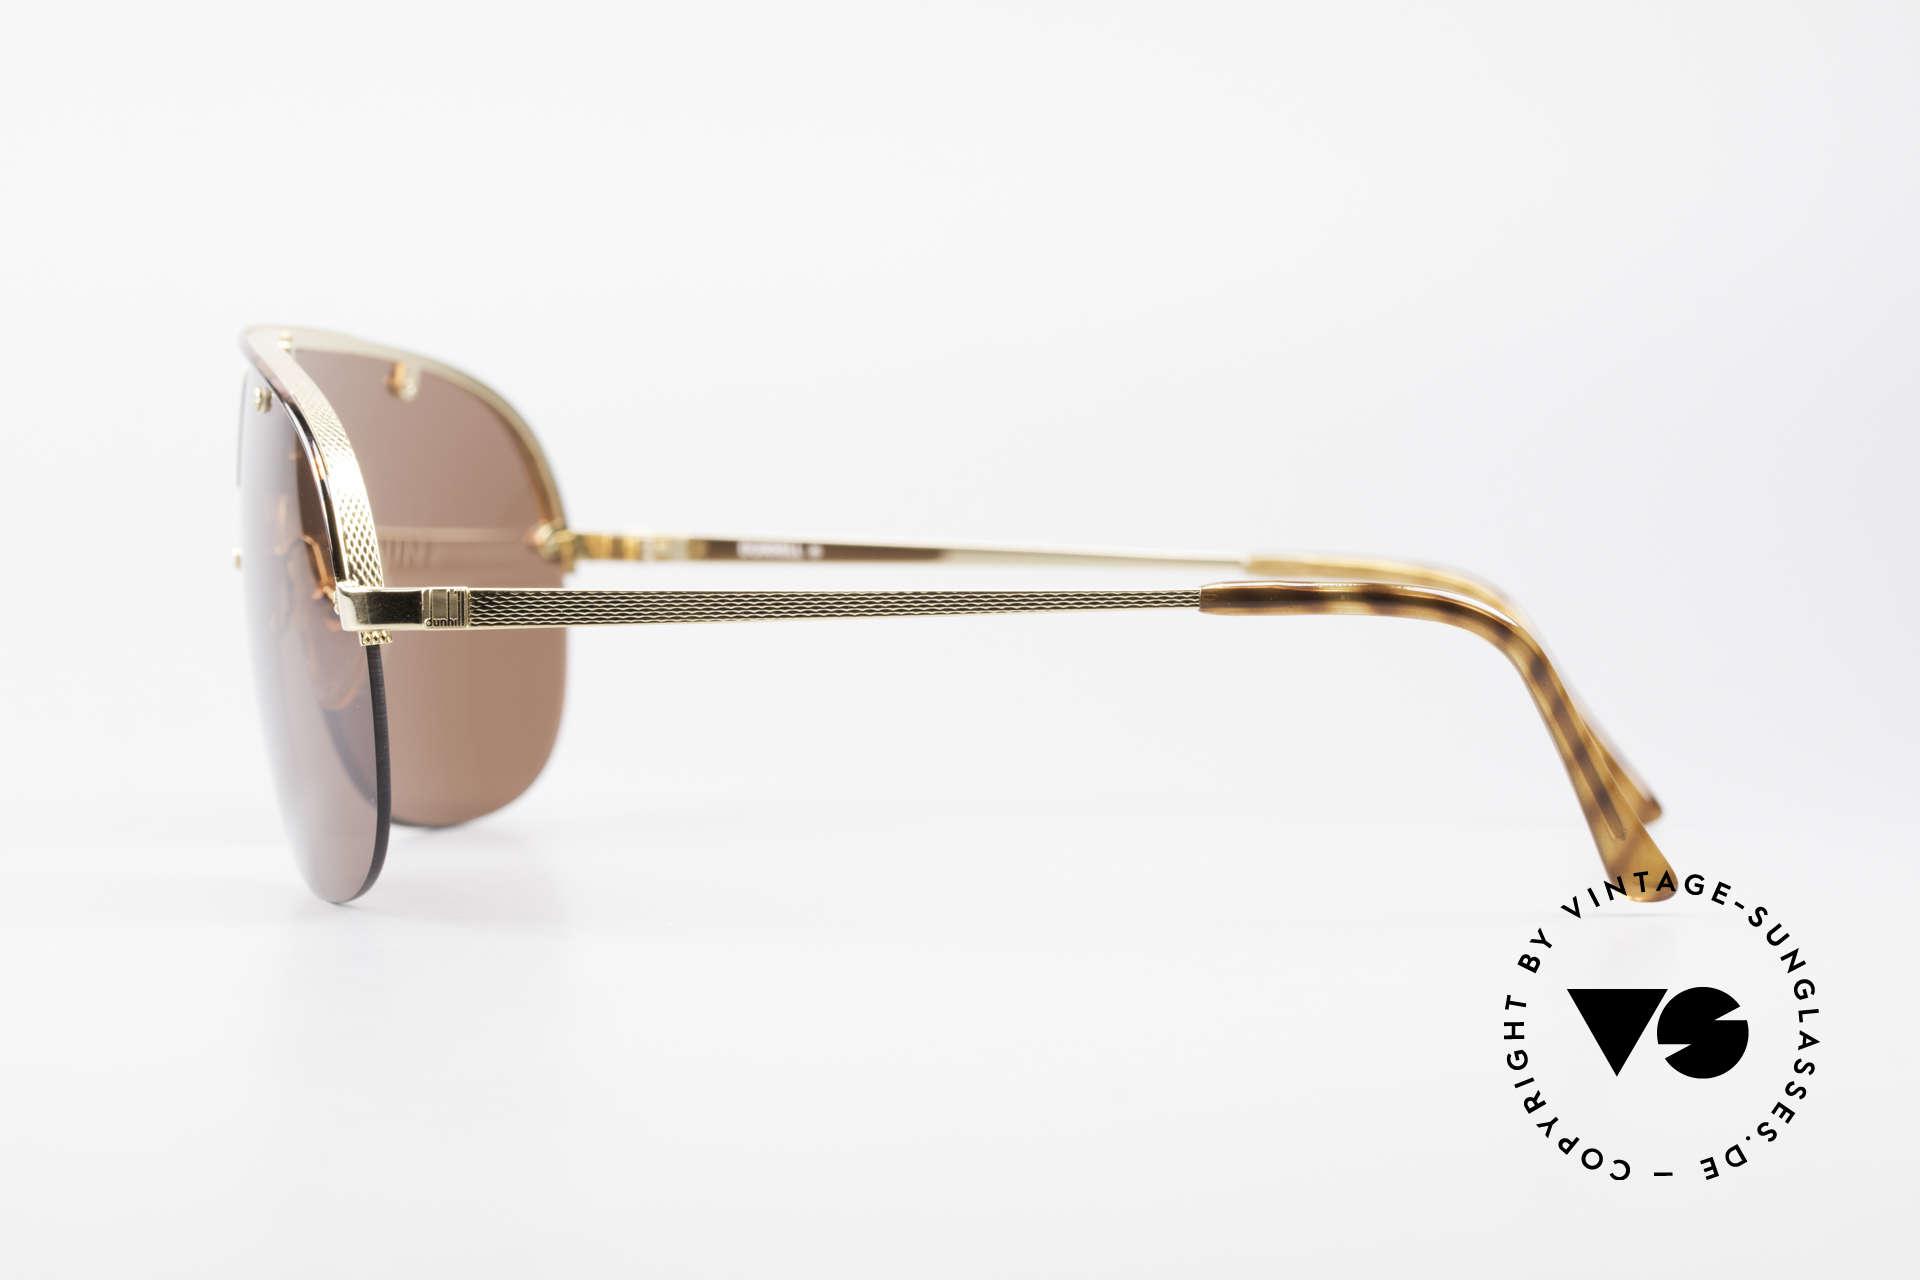 Dunhill 6102 Rare 90er Herren Sonnenbrille, herausragende Qualität (hartvergoldet & schildpatt), Passend für Herren